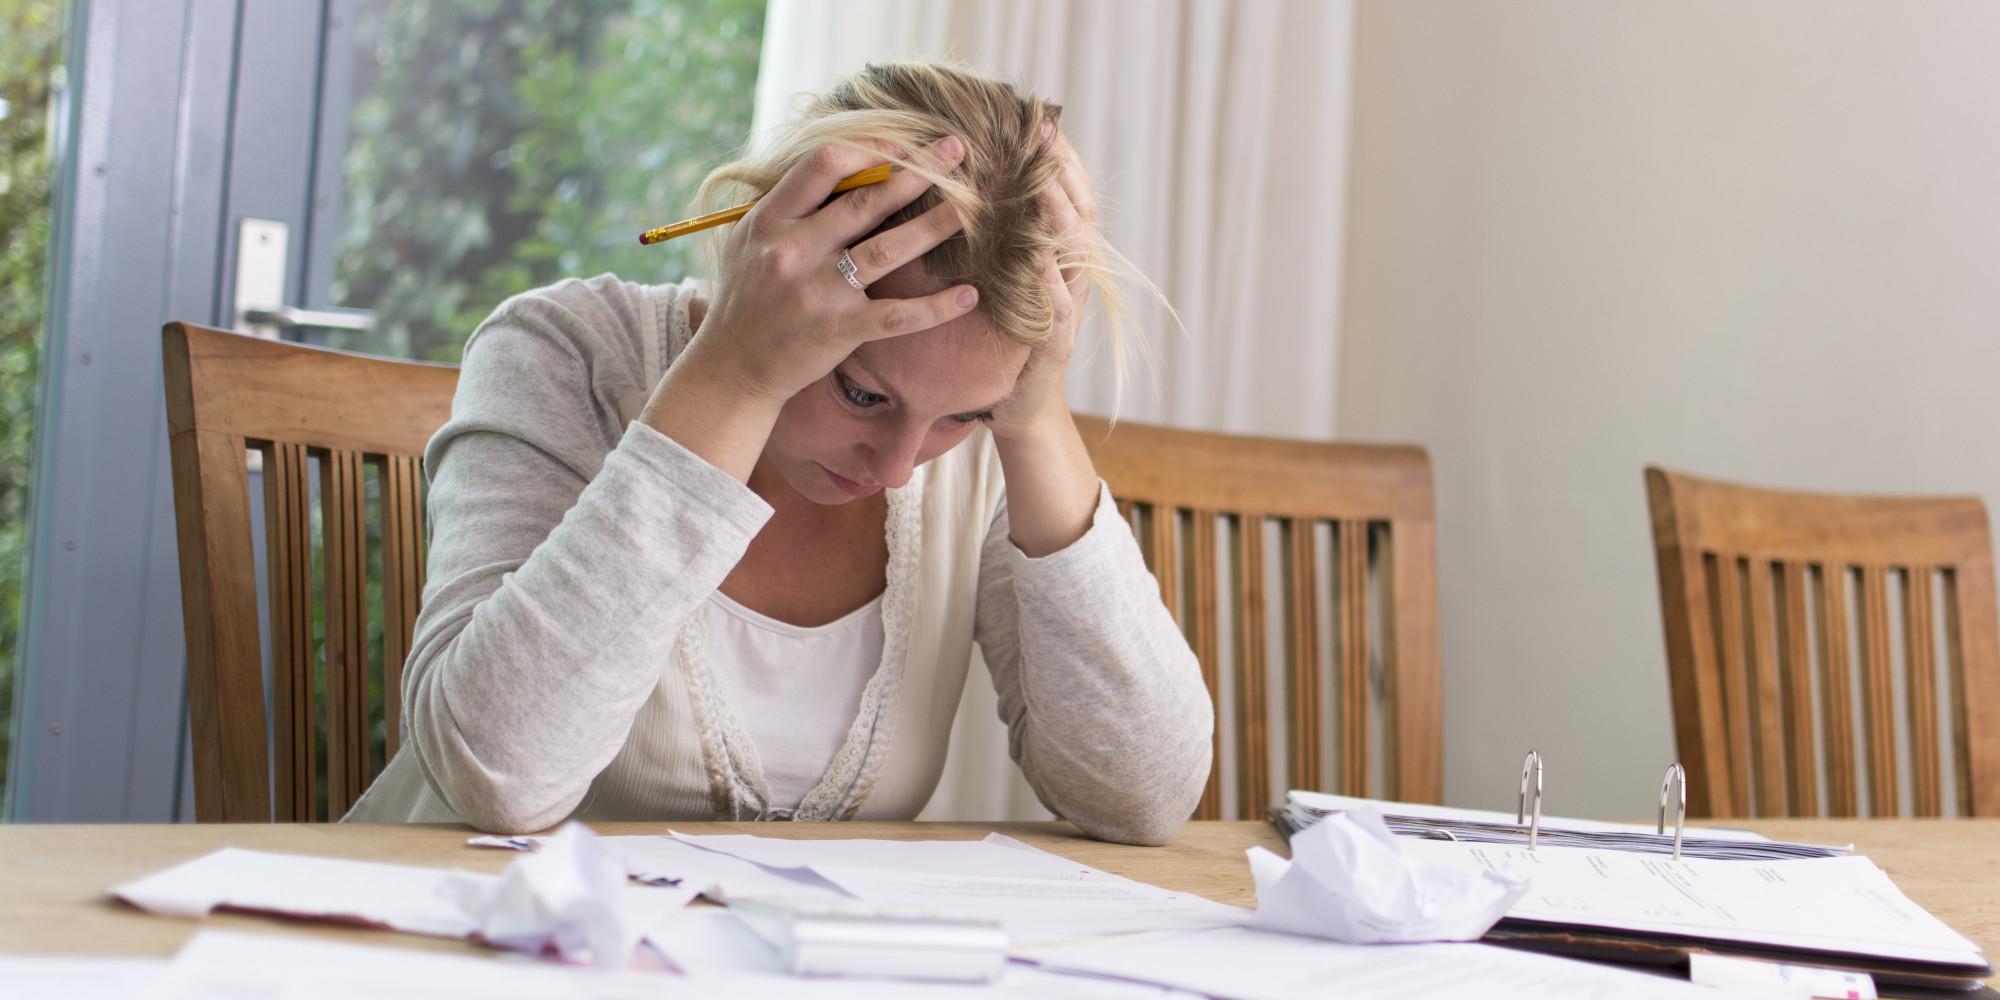 Συρρίκνωση στις συντάξεις, διόγκωση στα «κόκκινα δάνεια»